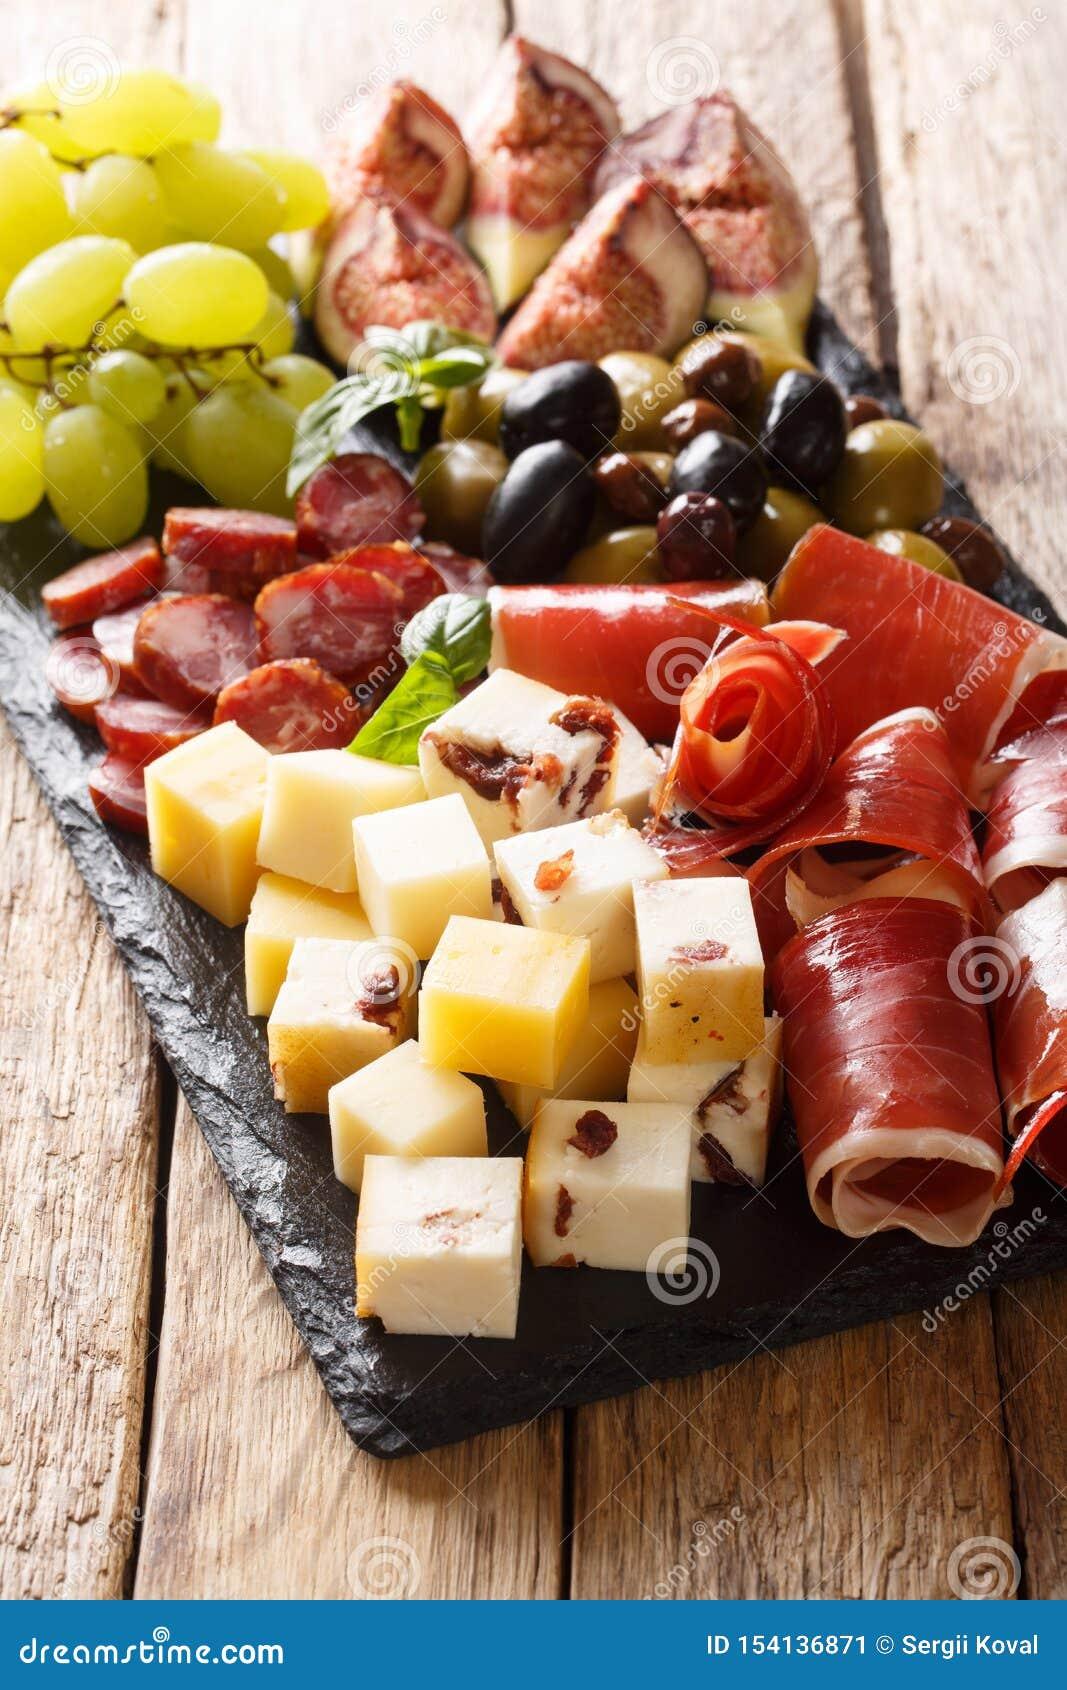 Aperitivo delicioso de antipasti del queso, del jamón de prosciutto, de las uvas, de los higos, de las salchichas y del primer de